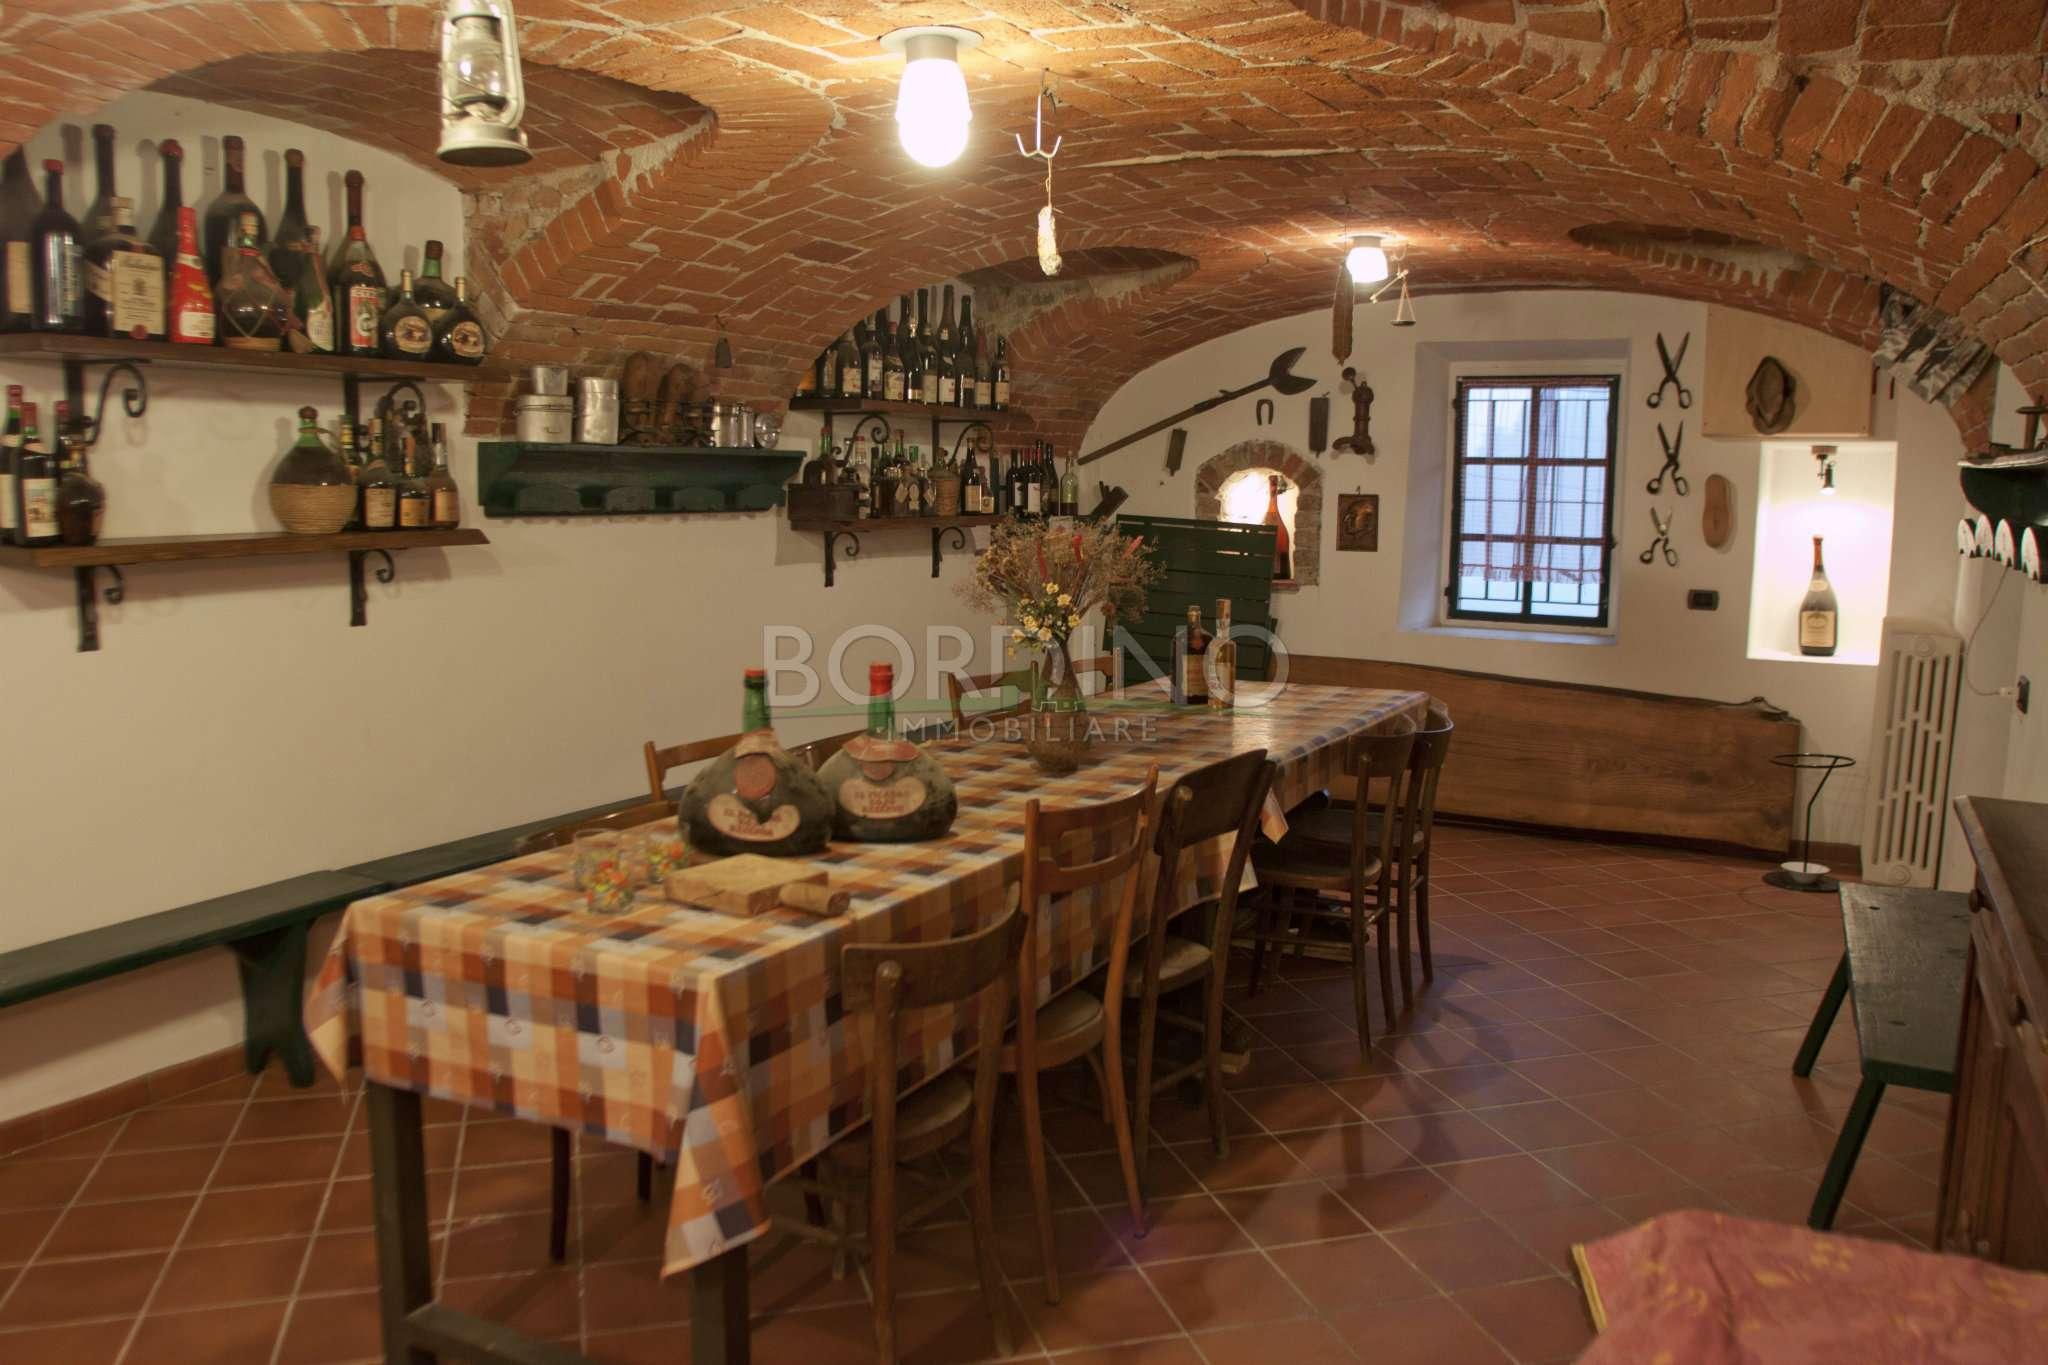 Soluzione Indipendente in vendita a Priocca, 4 locali, prezzo € 115.000 | PortaleAgenzieImmobiliari.it